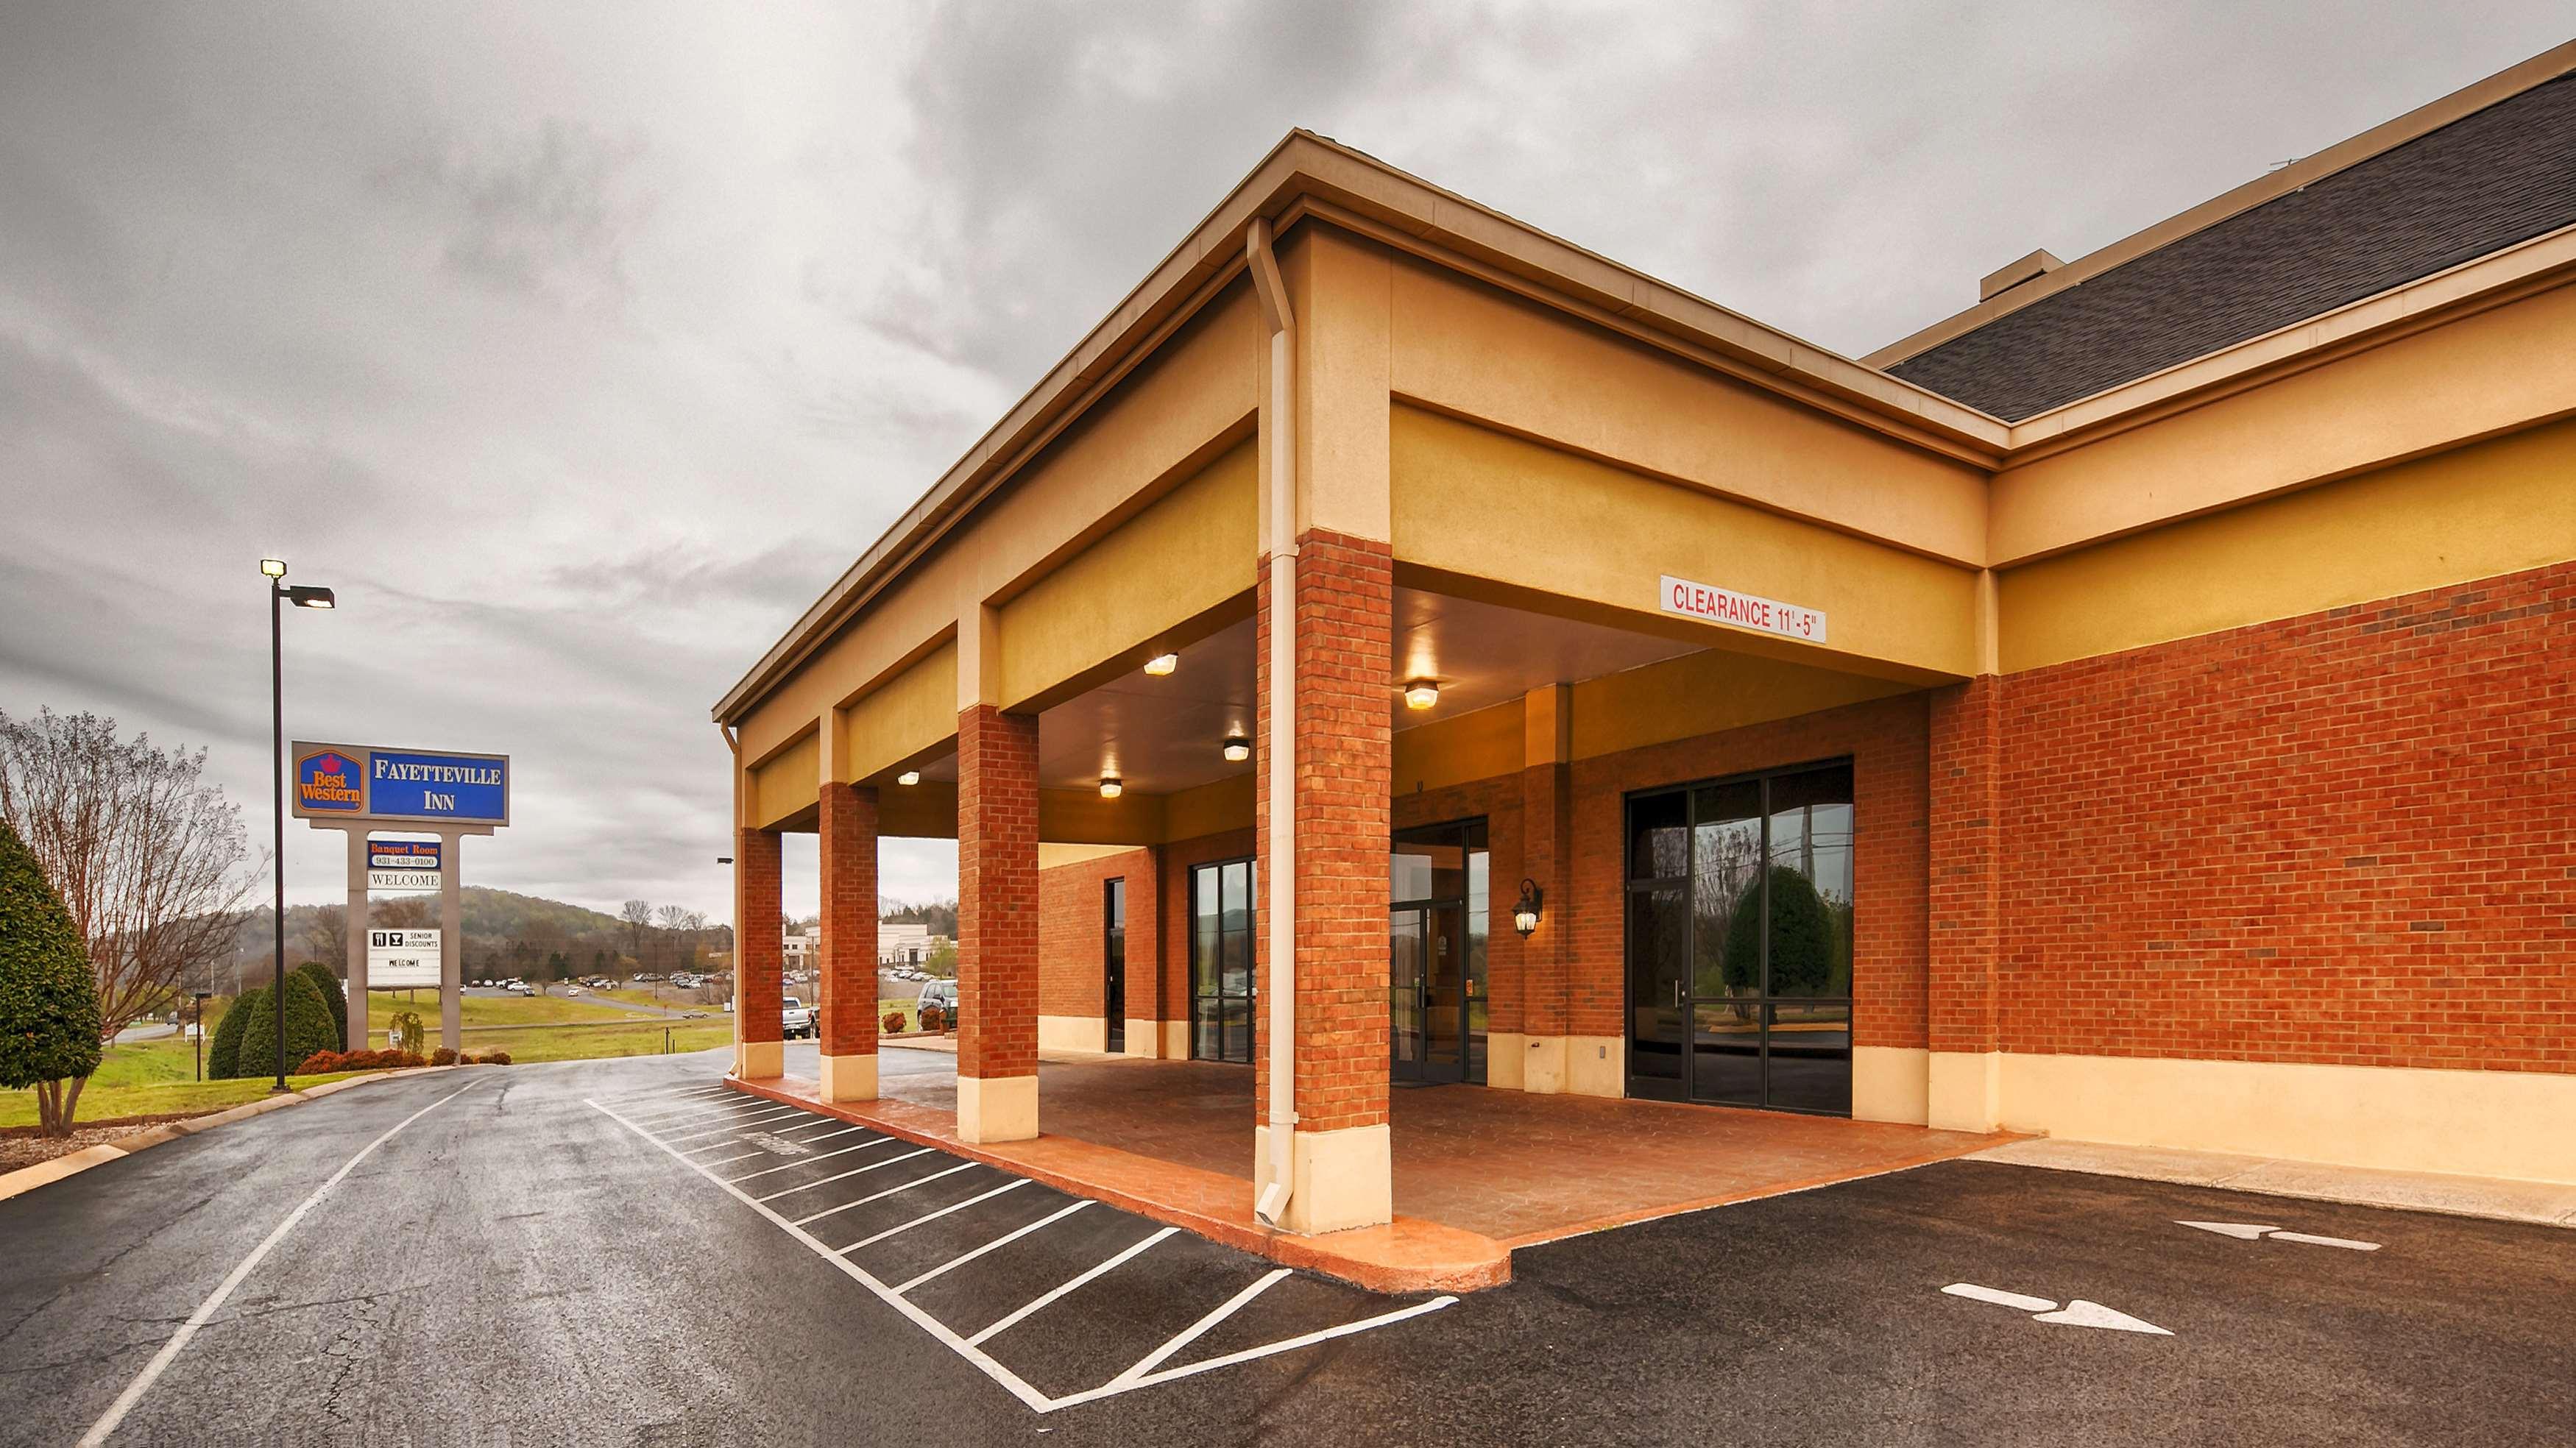 Best Western Fayetteville Inn image 6